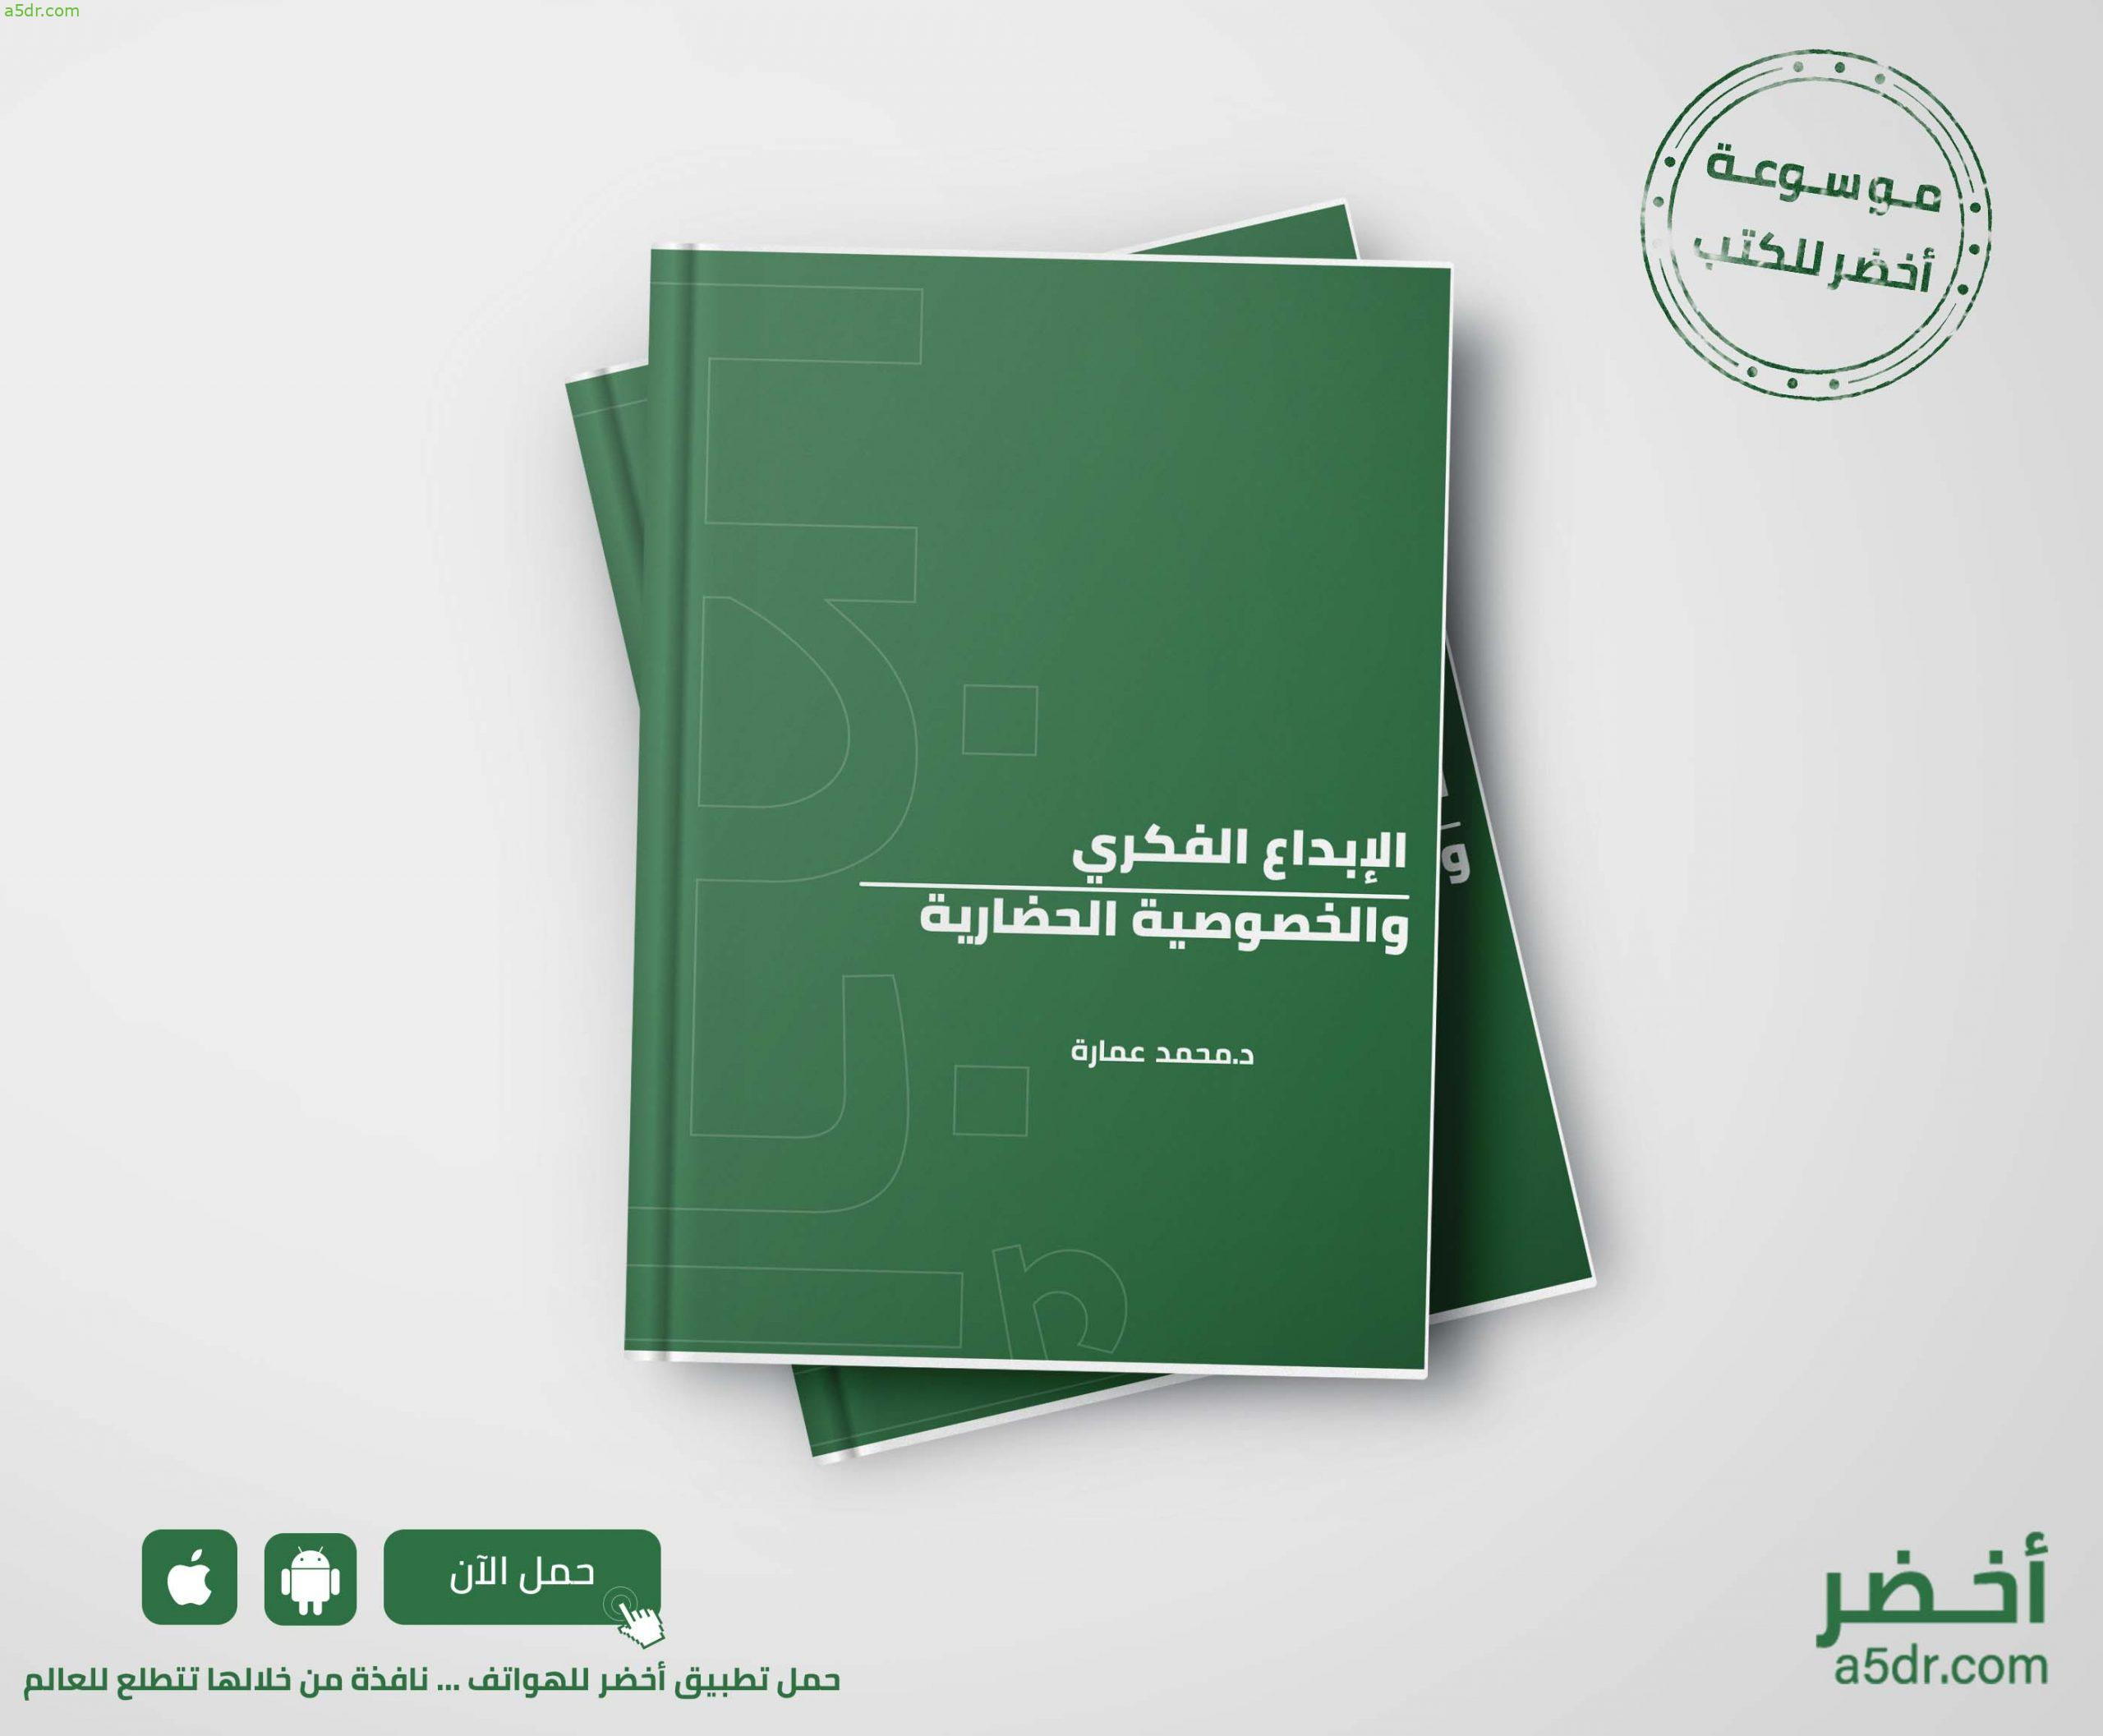 كتاب الإبداع الفكري والخصوصية الحضارية - محمد عمارة